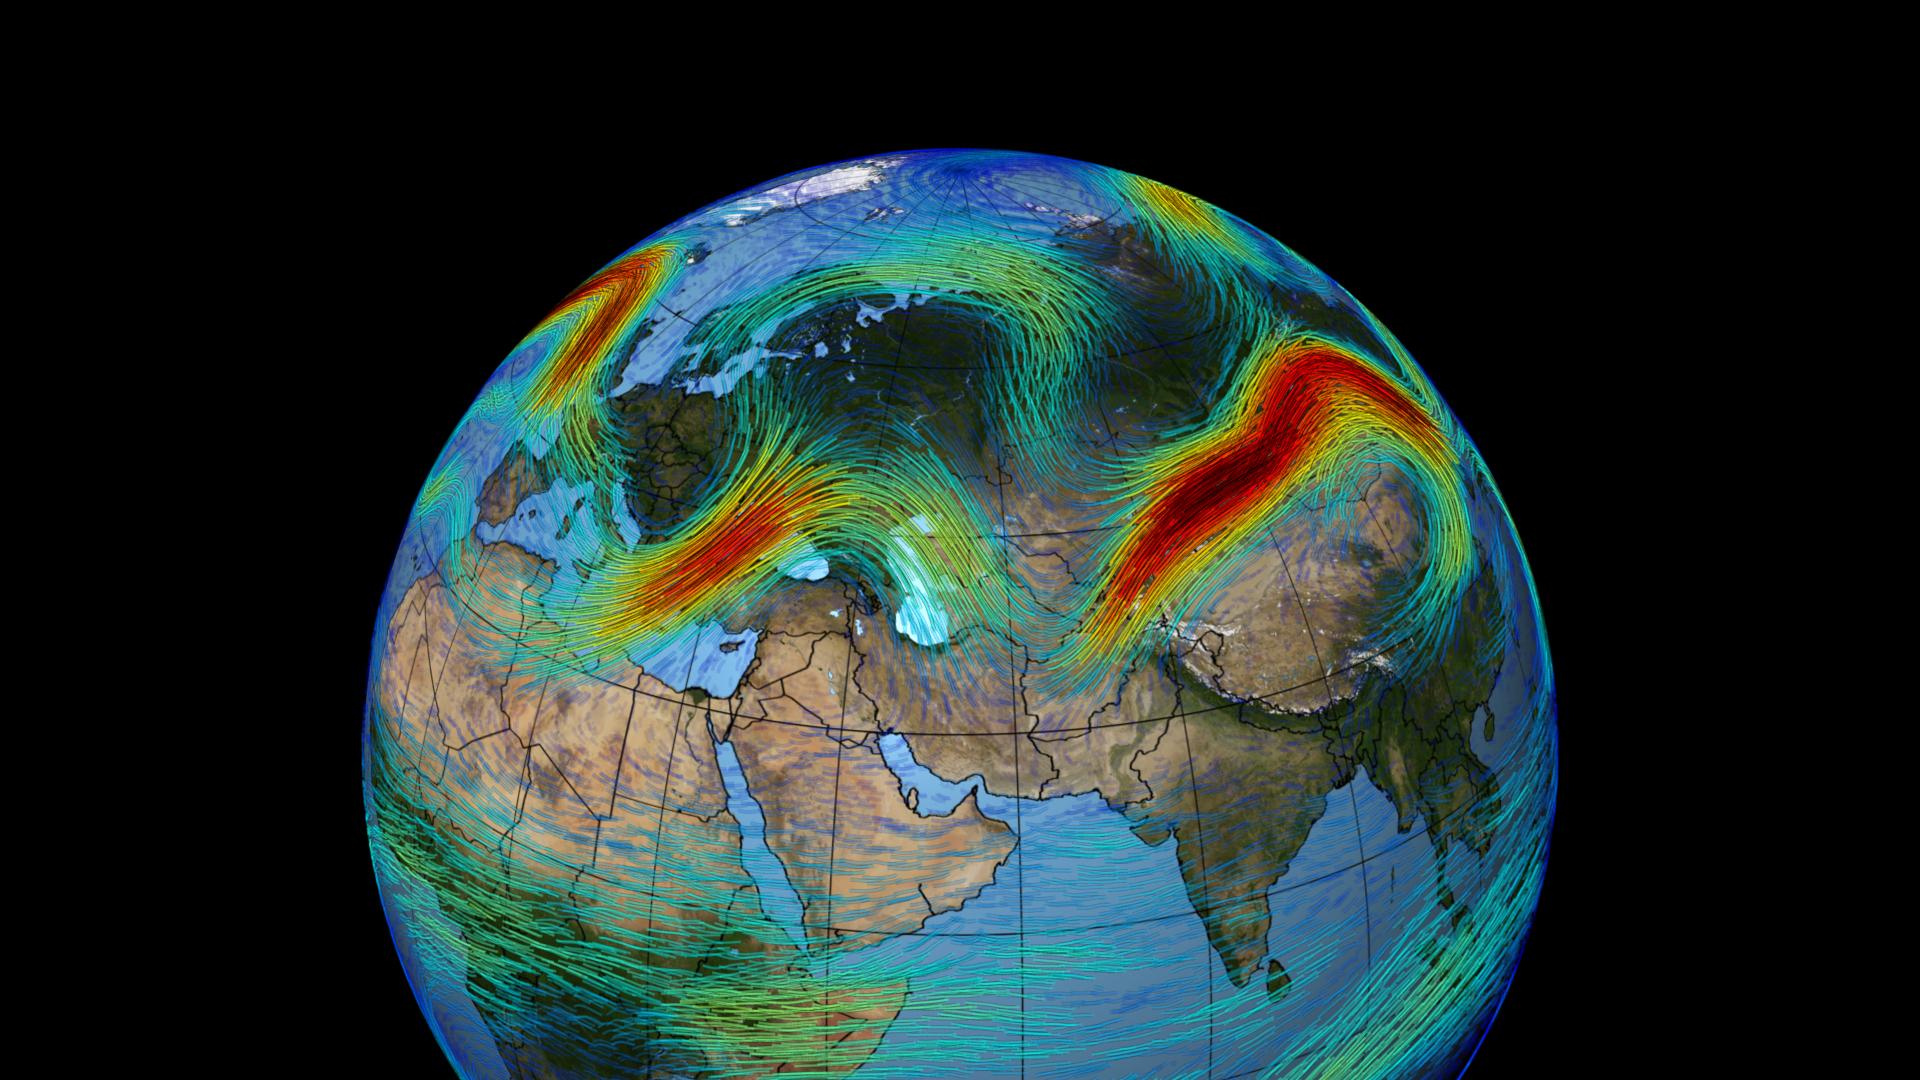 제트기류는 지구를 동서로 최대 시속 400km의 빠른 속도로 도는 바람이다. 북극의 찬 공기가 남쪽으로 내려오지 못하게 막는다. 하지만 미국항공우주국이 2014년 공개한 이 사진처럼 때로 제트기류가 남북으로 요동치면 가뭄이나 한파(겨울), 열파(여름)가 올 수 있다. 최근 미국 연구팀은 약 300년 동안의 기후 자료로 이 현상이 1960년대부터 심해졌다는 사실을 증명했다.